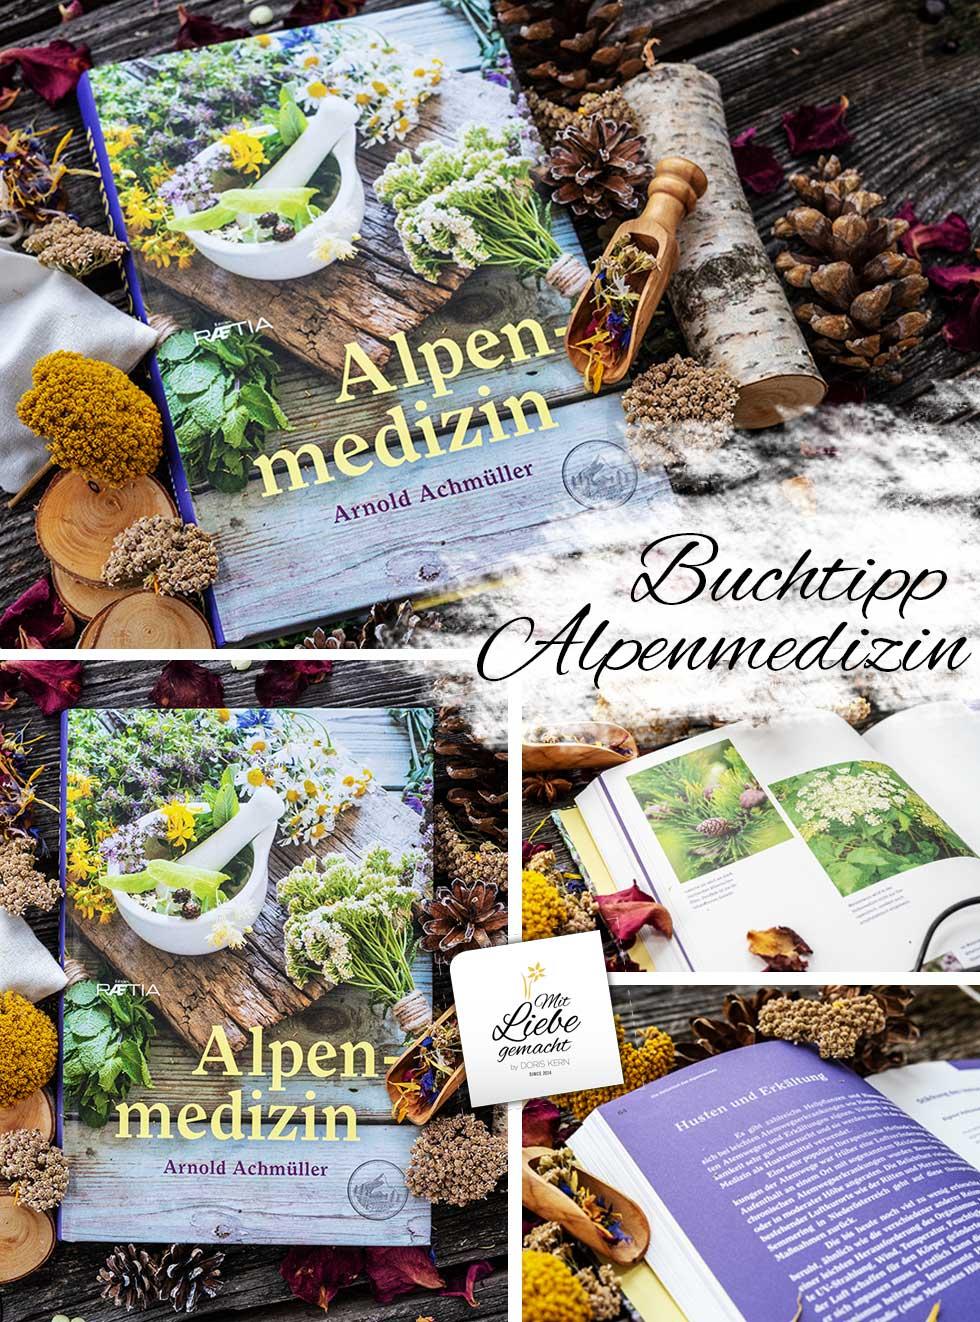 Alpenmedizin - das neue Buch von Arnold Achmüller